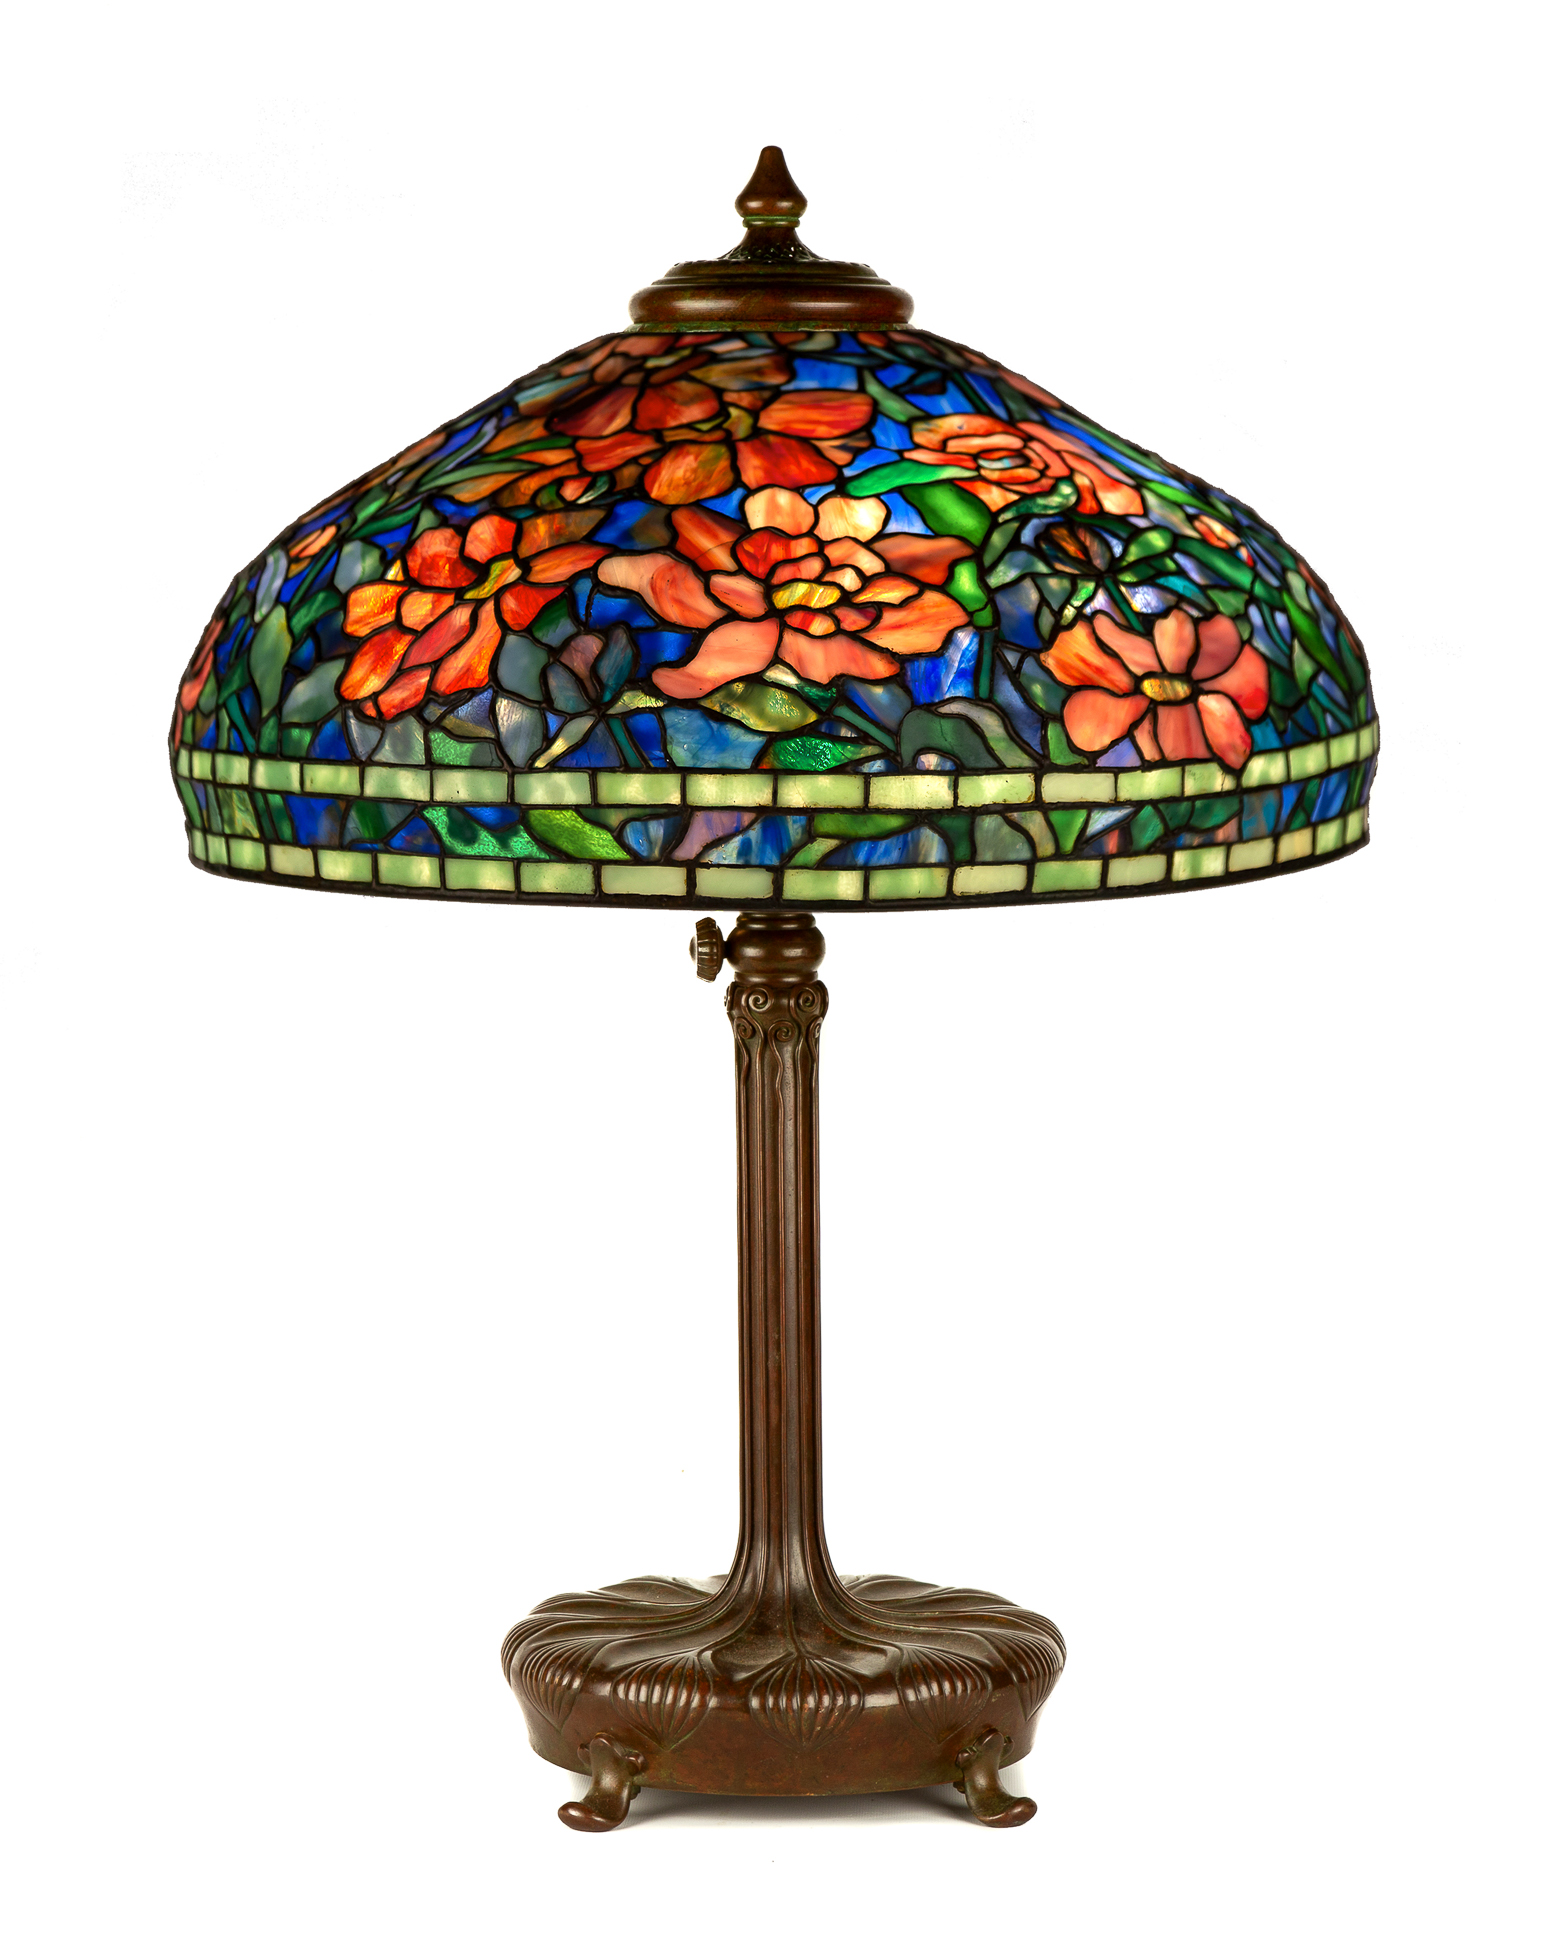 Vente Beaux-Arts & Antiquités chez Cottone Auctions : 248 lots